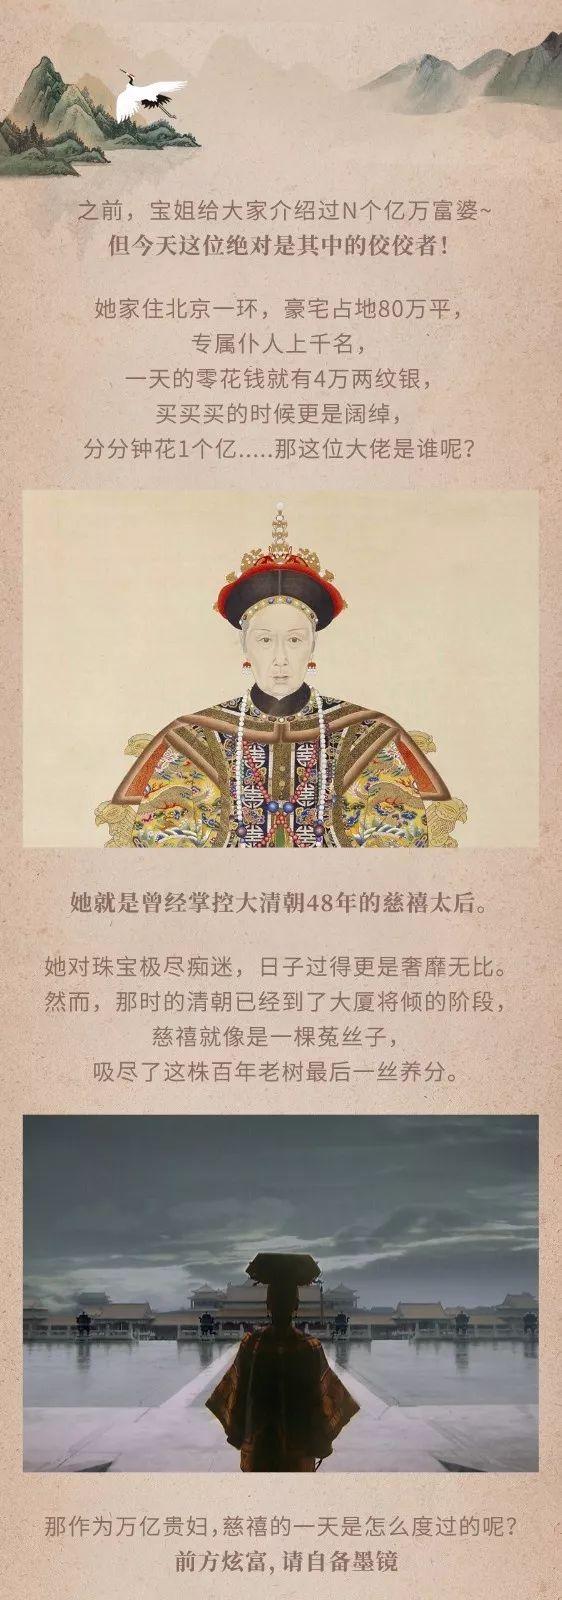 中国最爱喝人奶的女人,她的一天从挑10吨珠宝开始……